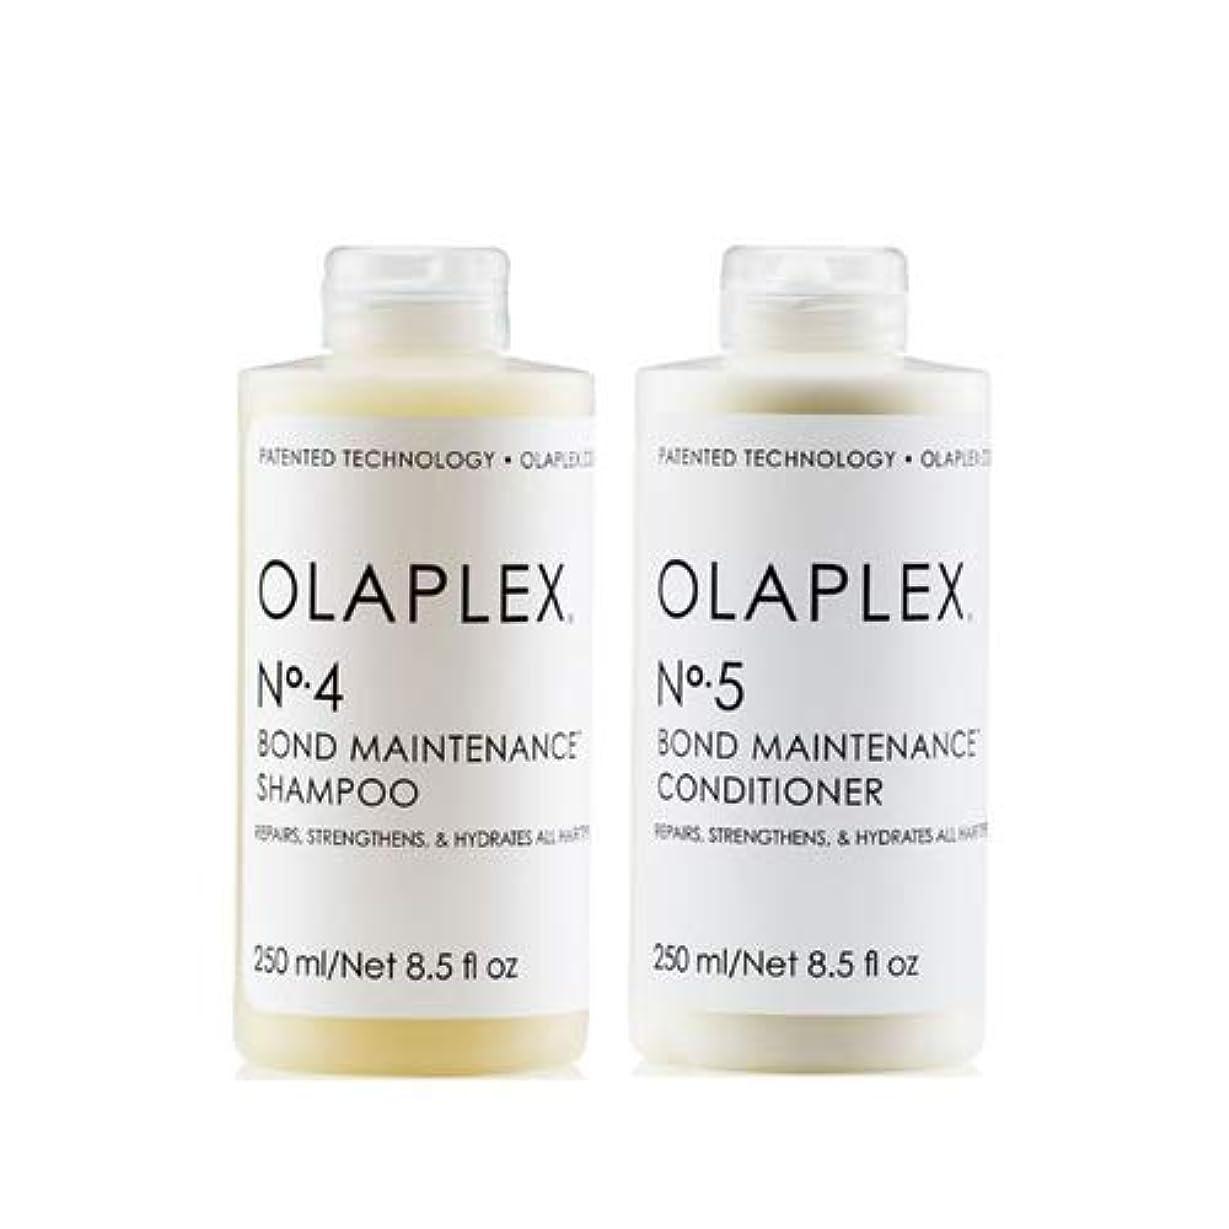 クール金曜日急勾配のOlaplex オラプレックス No. 4 5 ボンド メンテナンス シャンプー&コンディショナー Olaplex Bond Maintenance Shampoo & Conditioner 【並行輸入品】